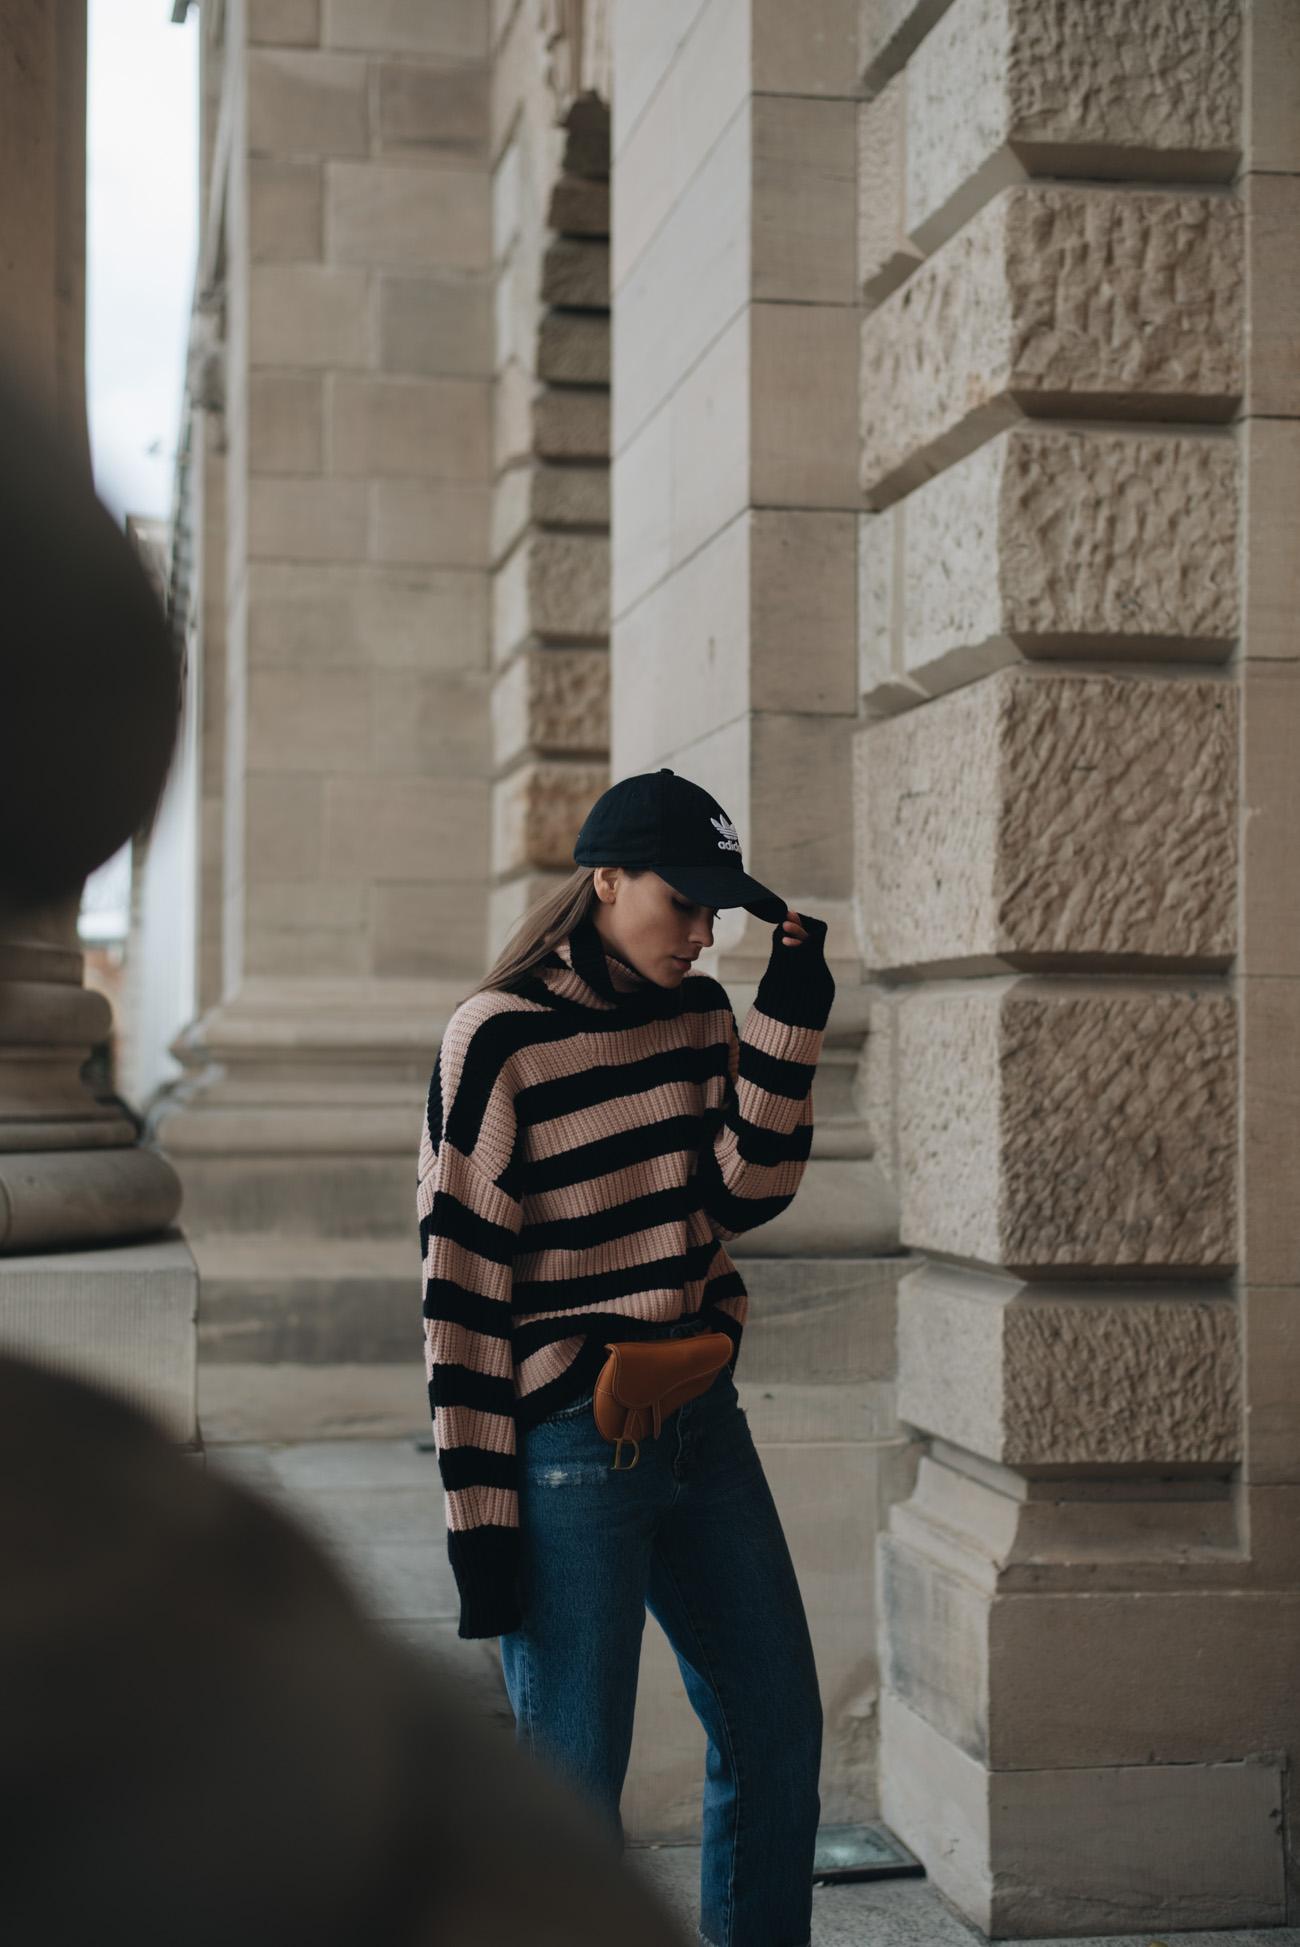 Edited-Strick-pullover-mit-streifen-dior-saddle-belt-bag-brown-adidas-cap-nina-schwichtenberg-mode-bloggerin-fashionblog-fashiioncarpet-deutschland-münchen